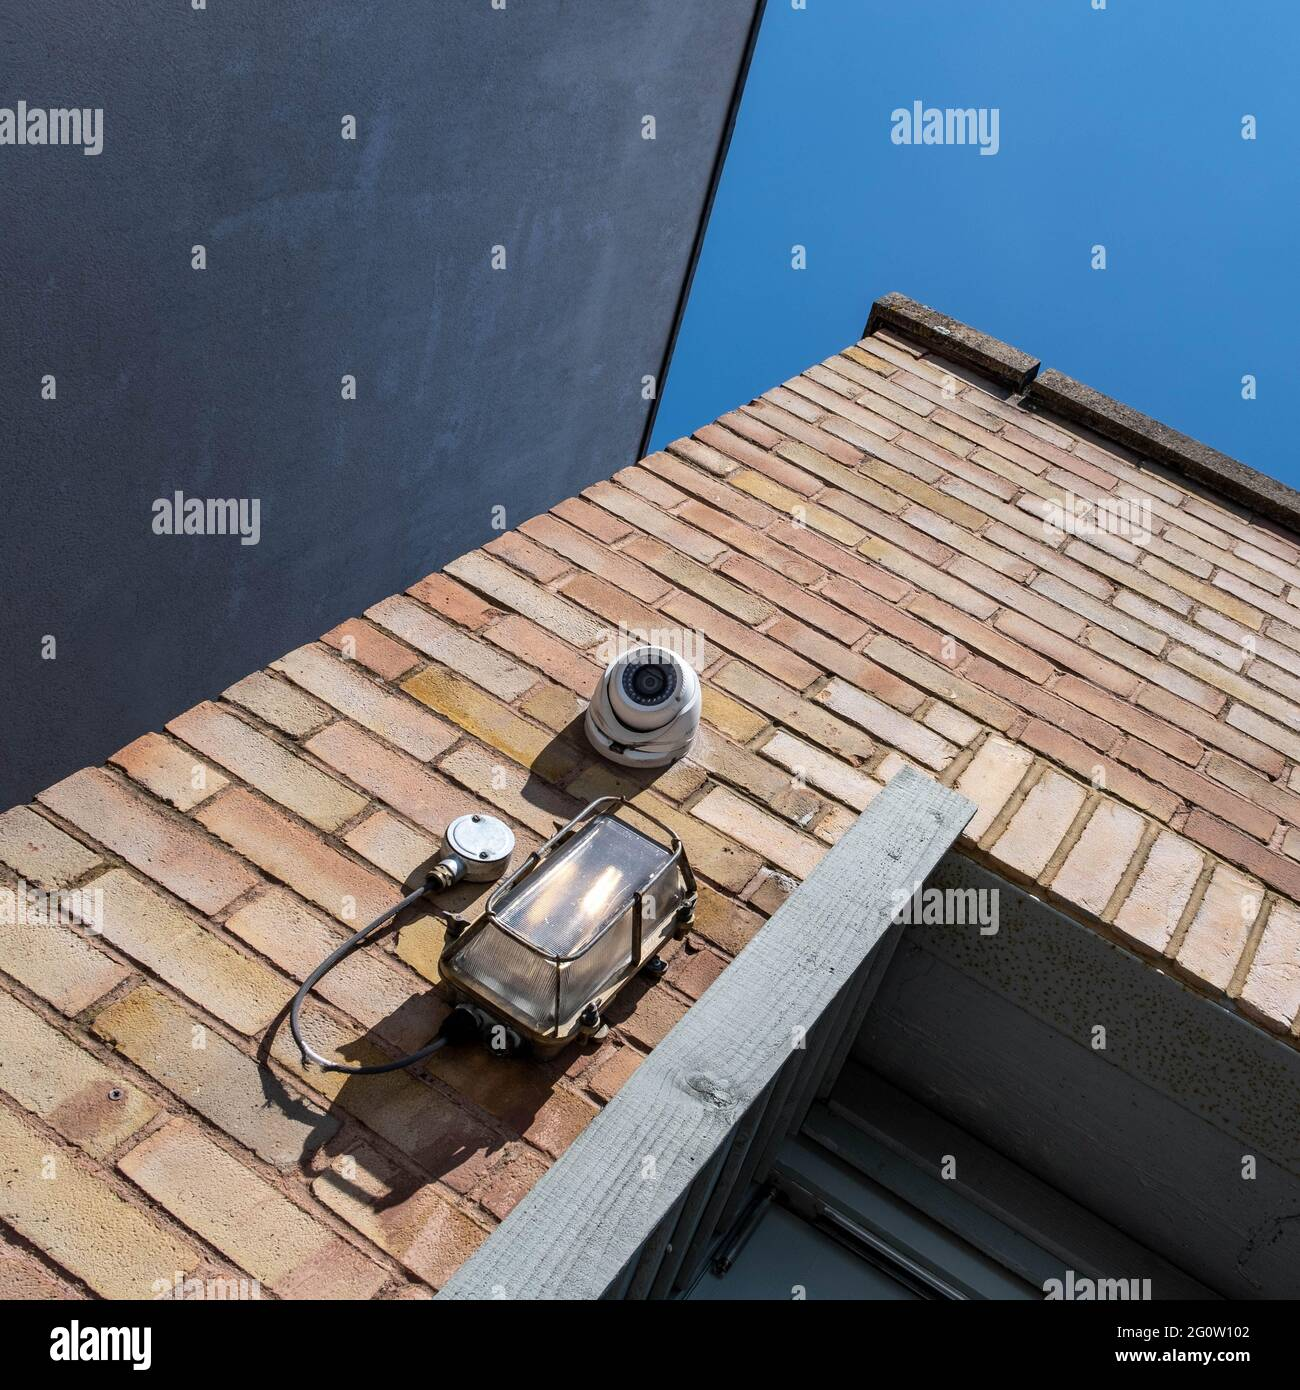 Epsom Surrey Londres, Royaume-Uni, juin 03 2021, UNE caméra de vidéosurveillance de sécurité fixée à un mur de briques externe Banque D'Images